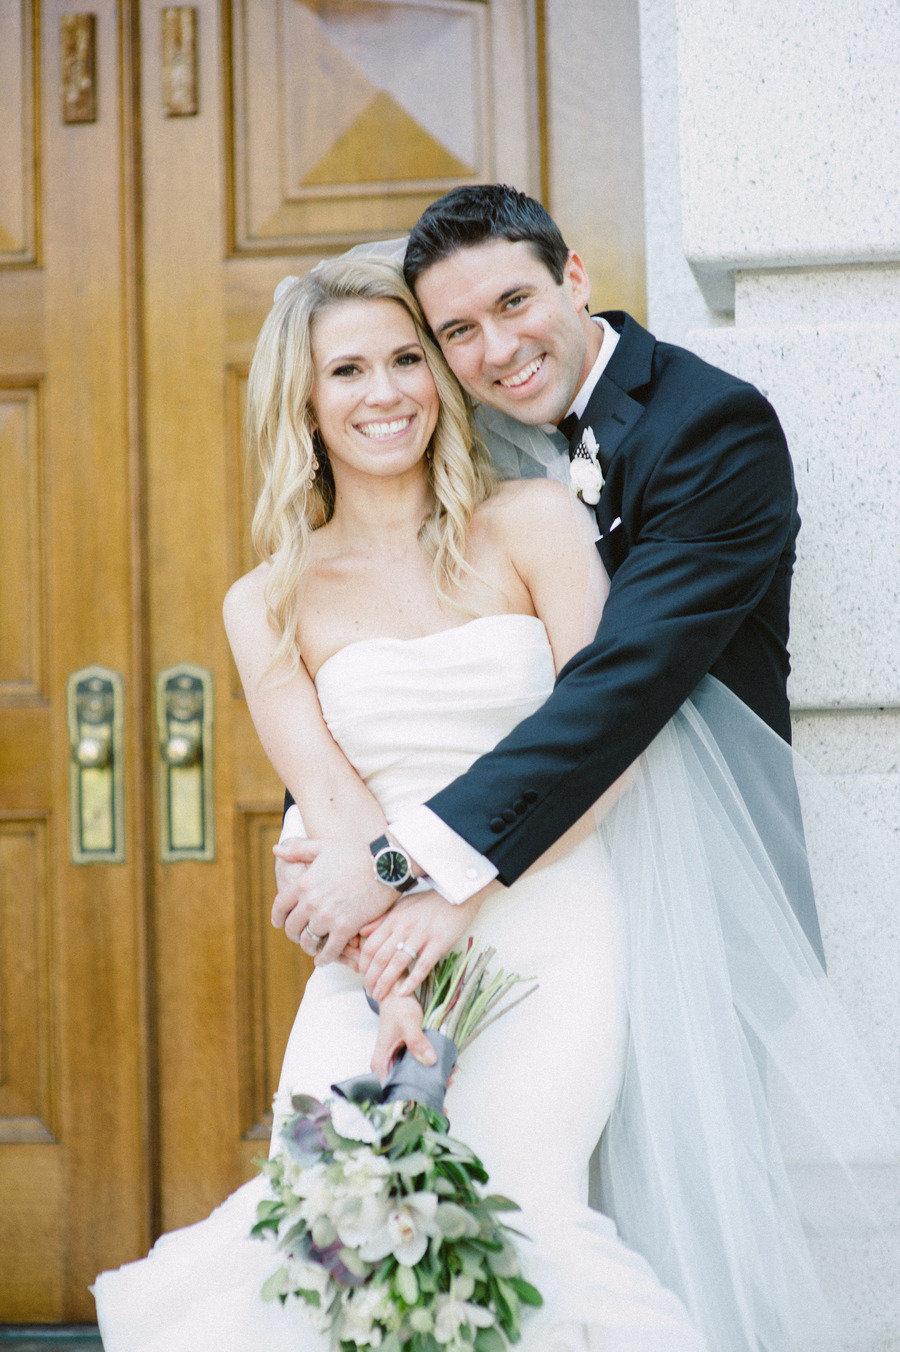 Wedding Dresses Madison Wi 56 Fabulous